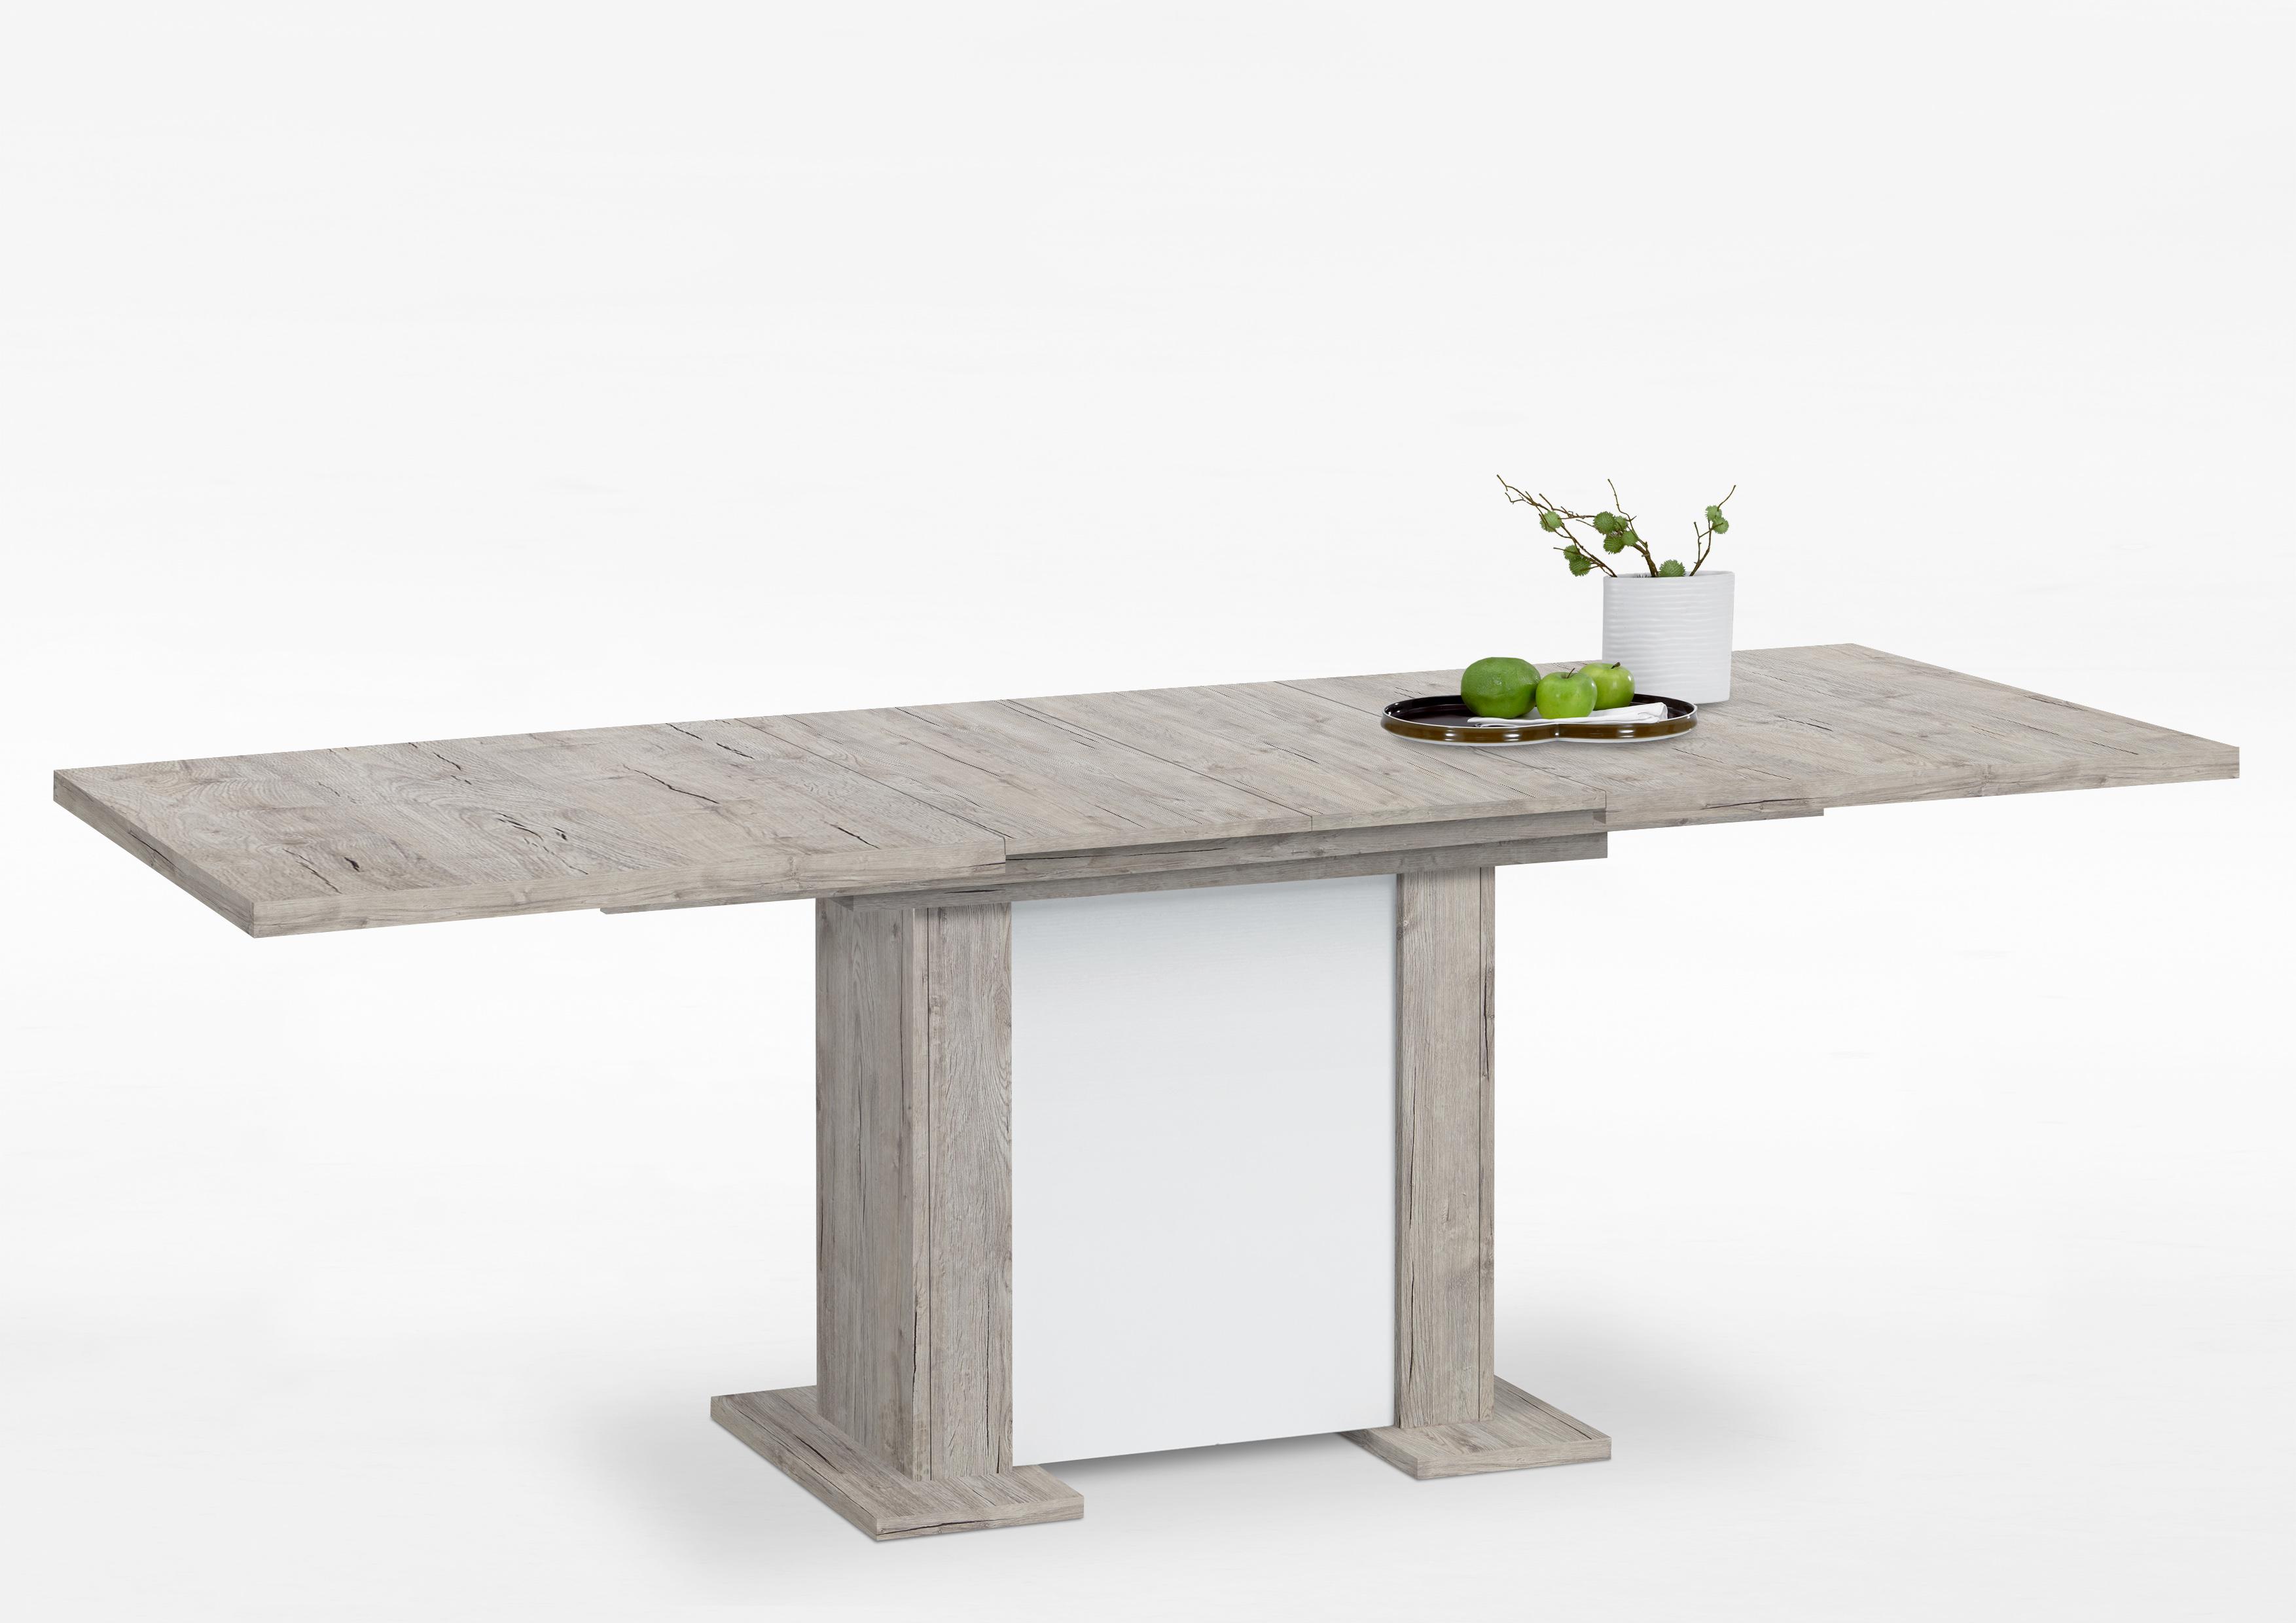 berck esstisch ausziehbar 160 195 230 cm breit von fmd sandeiche weiss i. Black Bedroom Furniture Sets. Home Design Ideas